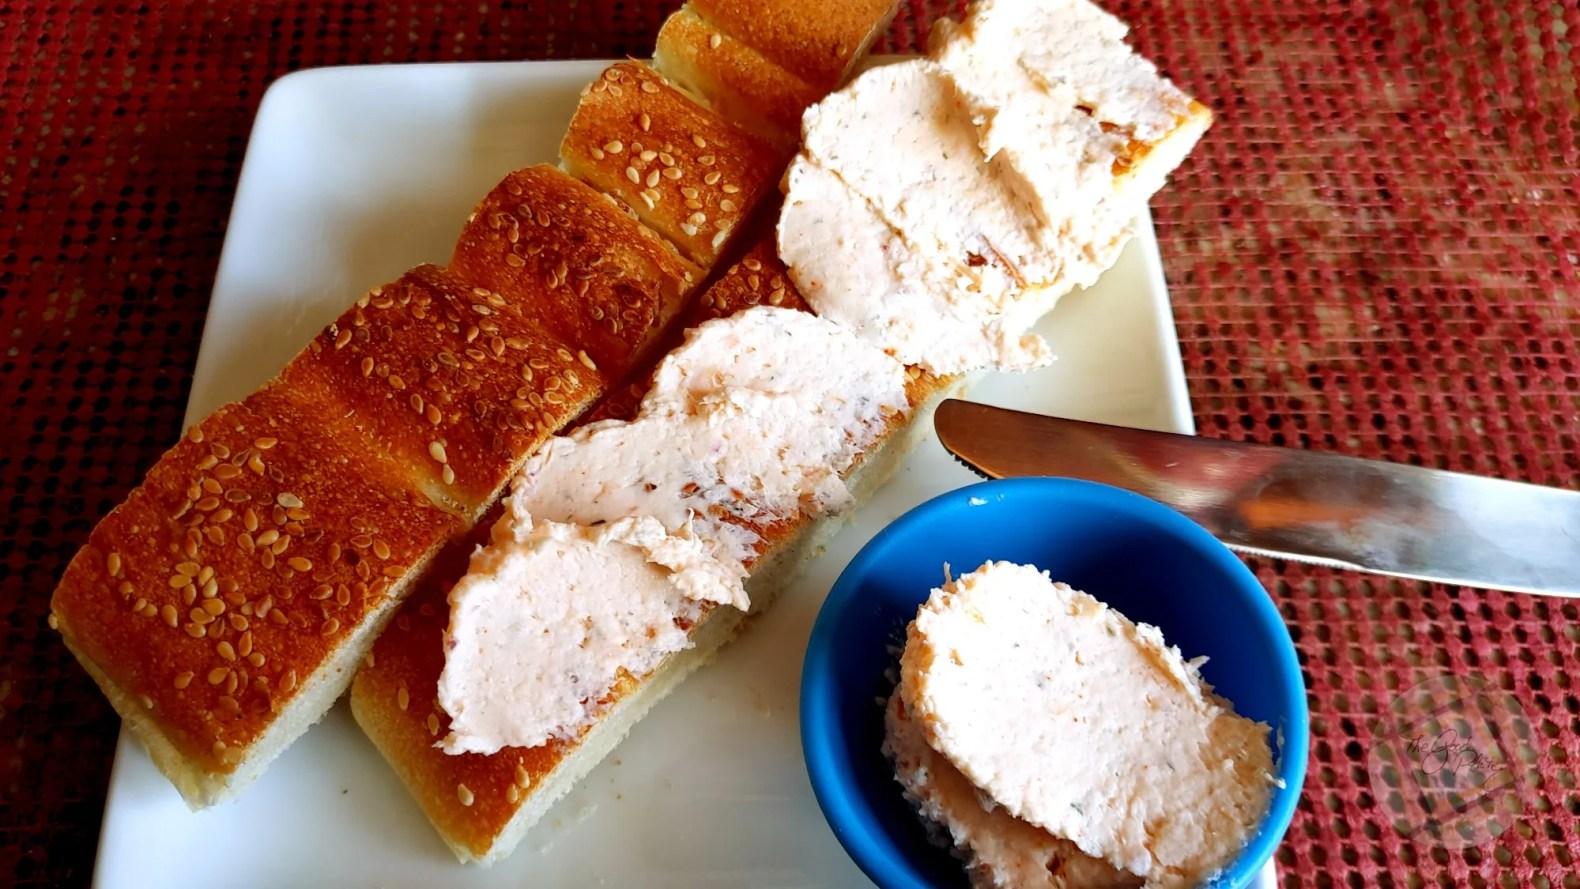 Smoked Salmon Cream Cheese on Barbari Brea